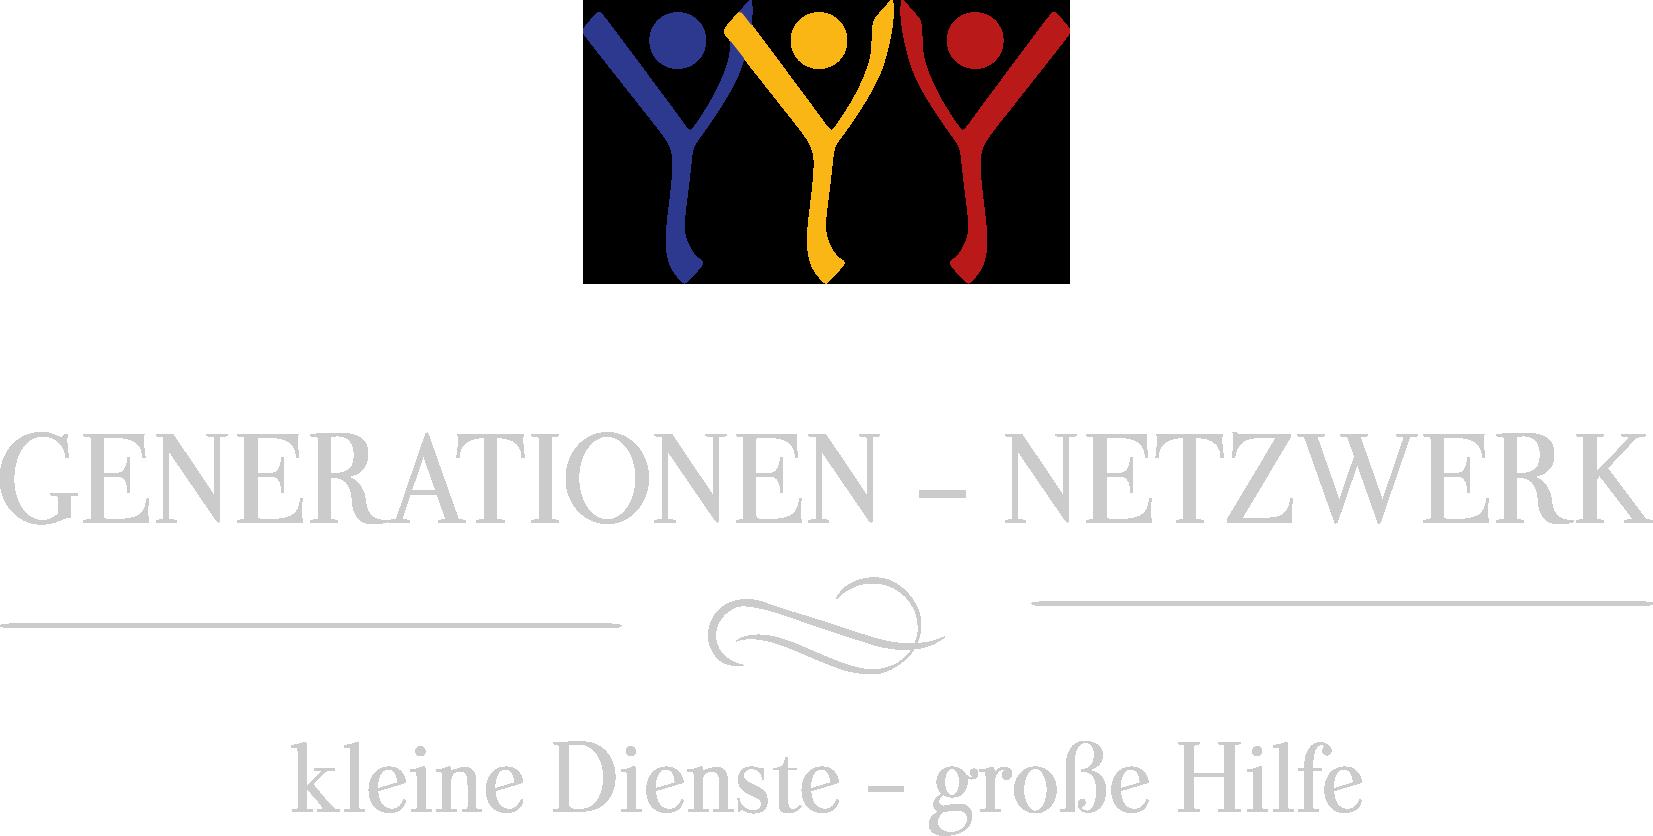 GENERATIONEN-NETZWERK